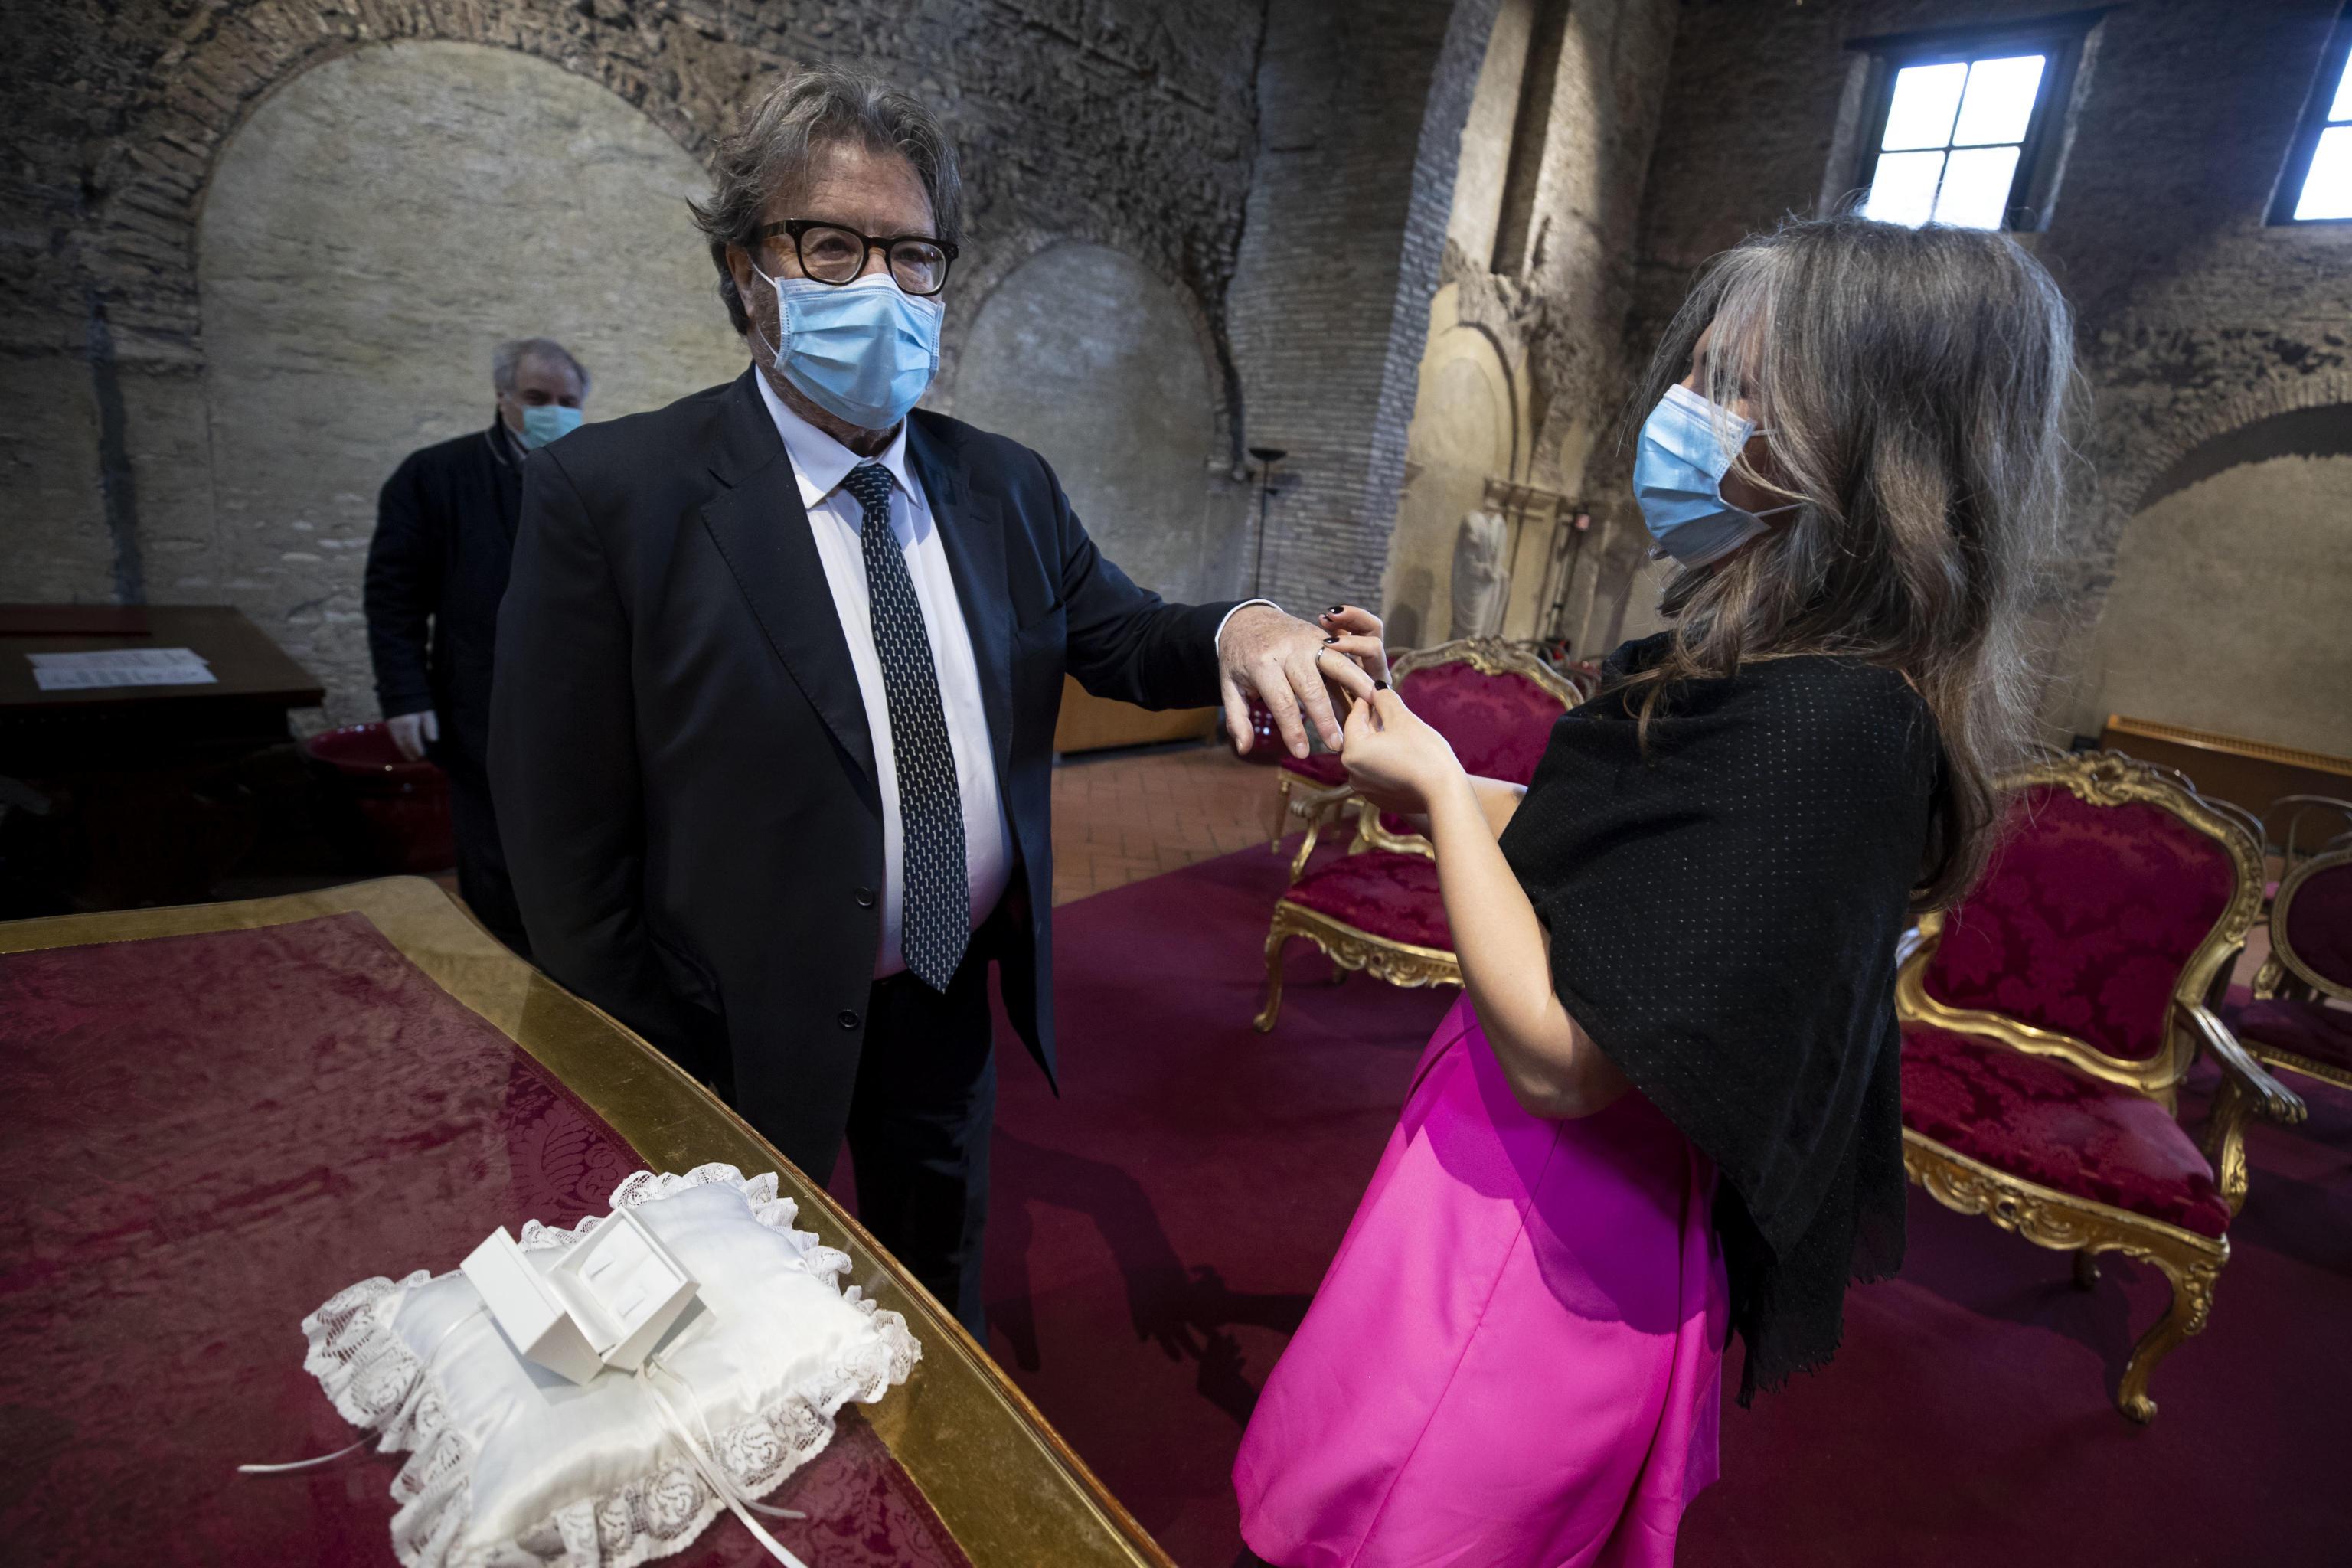 Messe Funerali E Matrimoni Le Proposte Dei Vescovi Al Governo Per La Fase 2 Gazzetta Del Sud